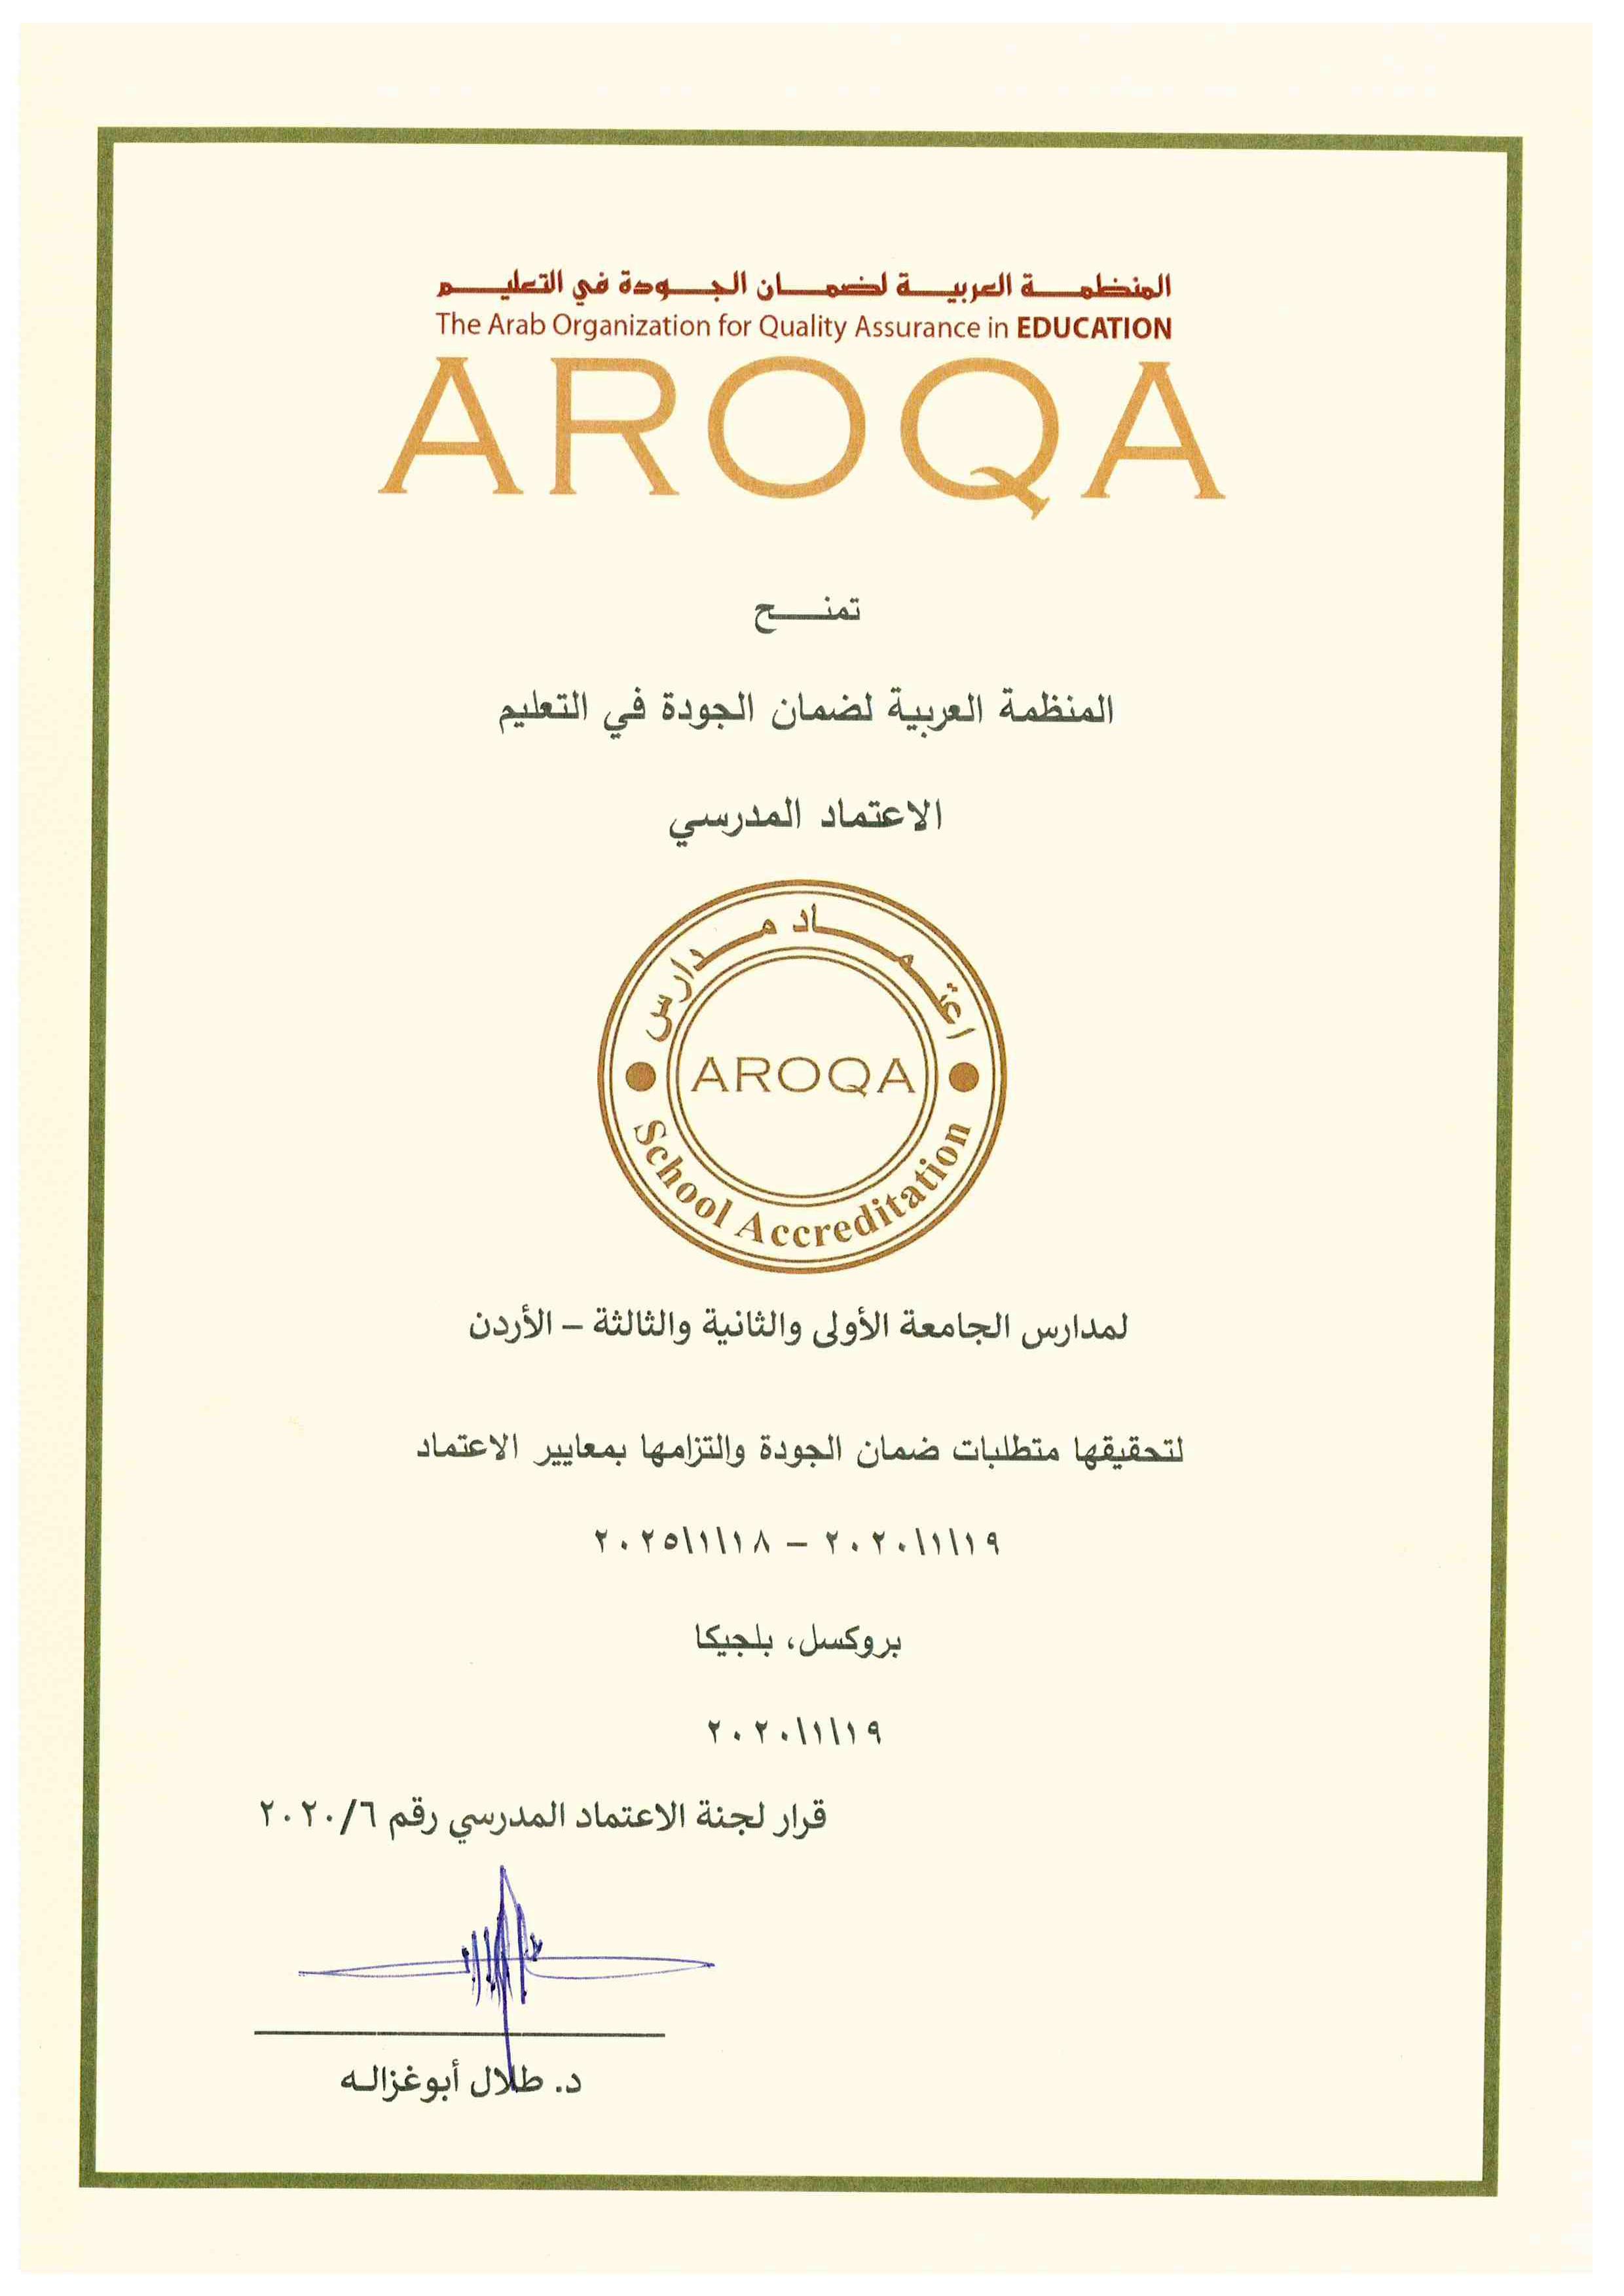 مدارس الجامعة بكافة فروعها تحصل على شهادة ضمان الجودة من المنظمة العربية لضمان الجودة في التعليم